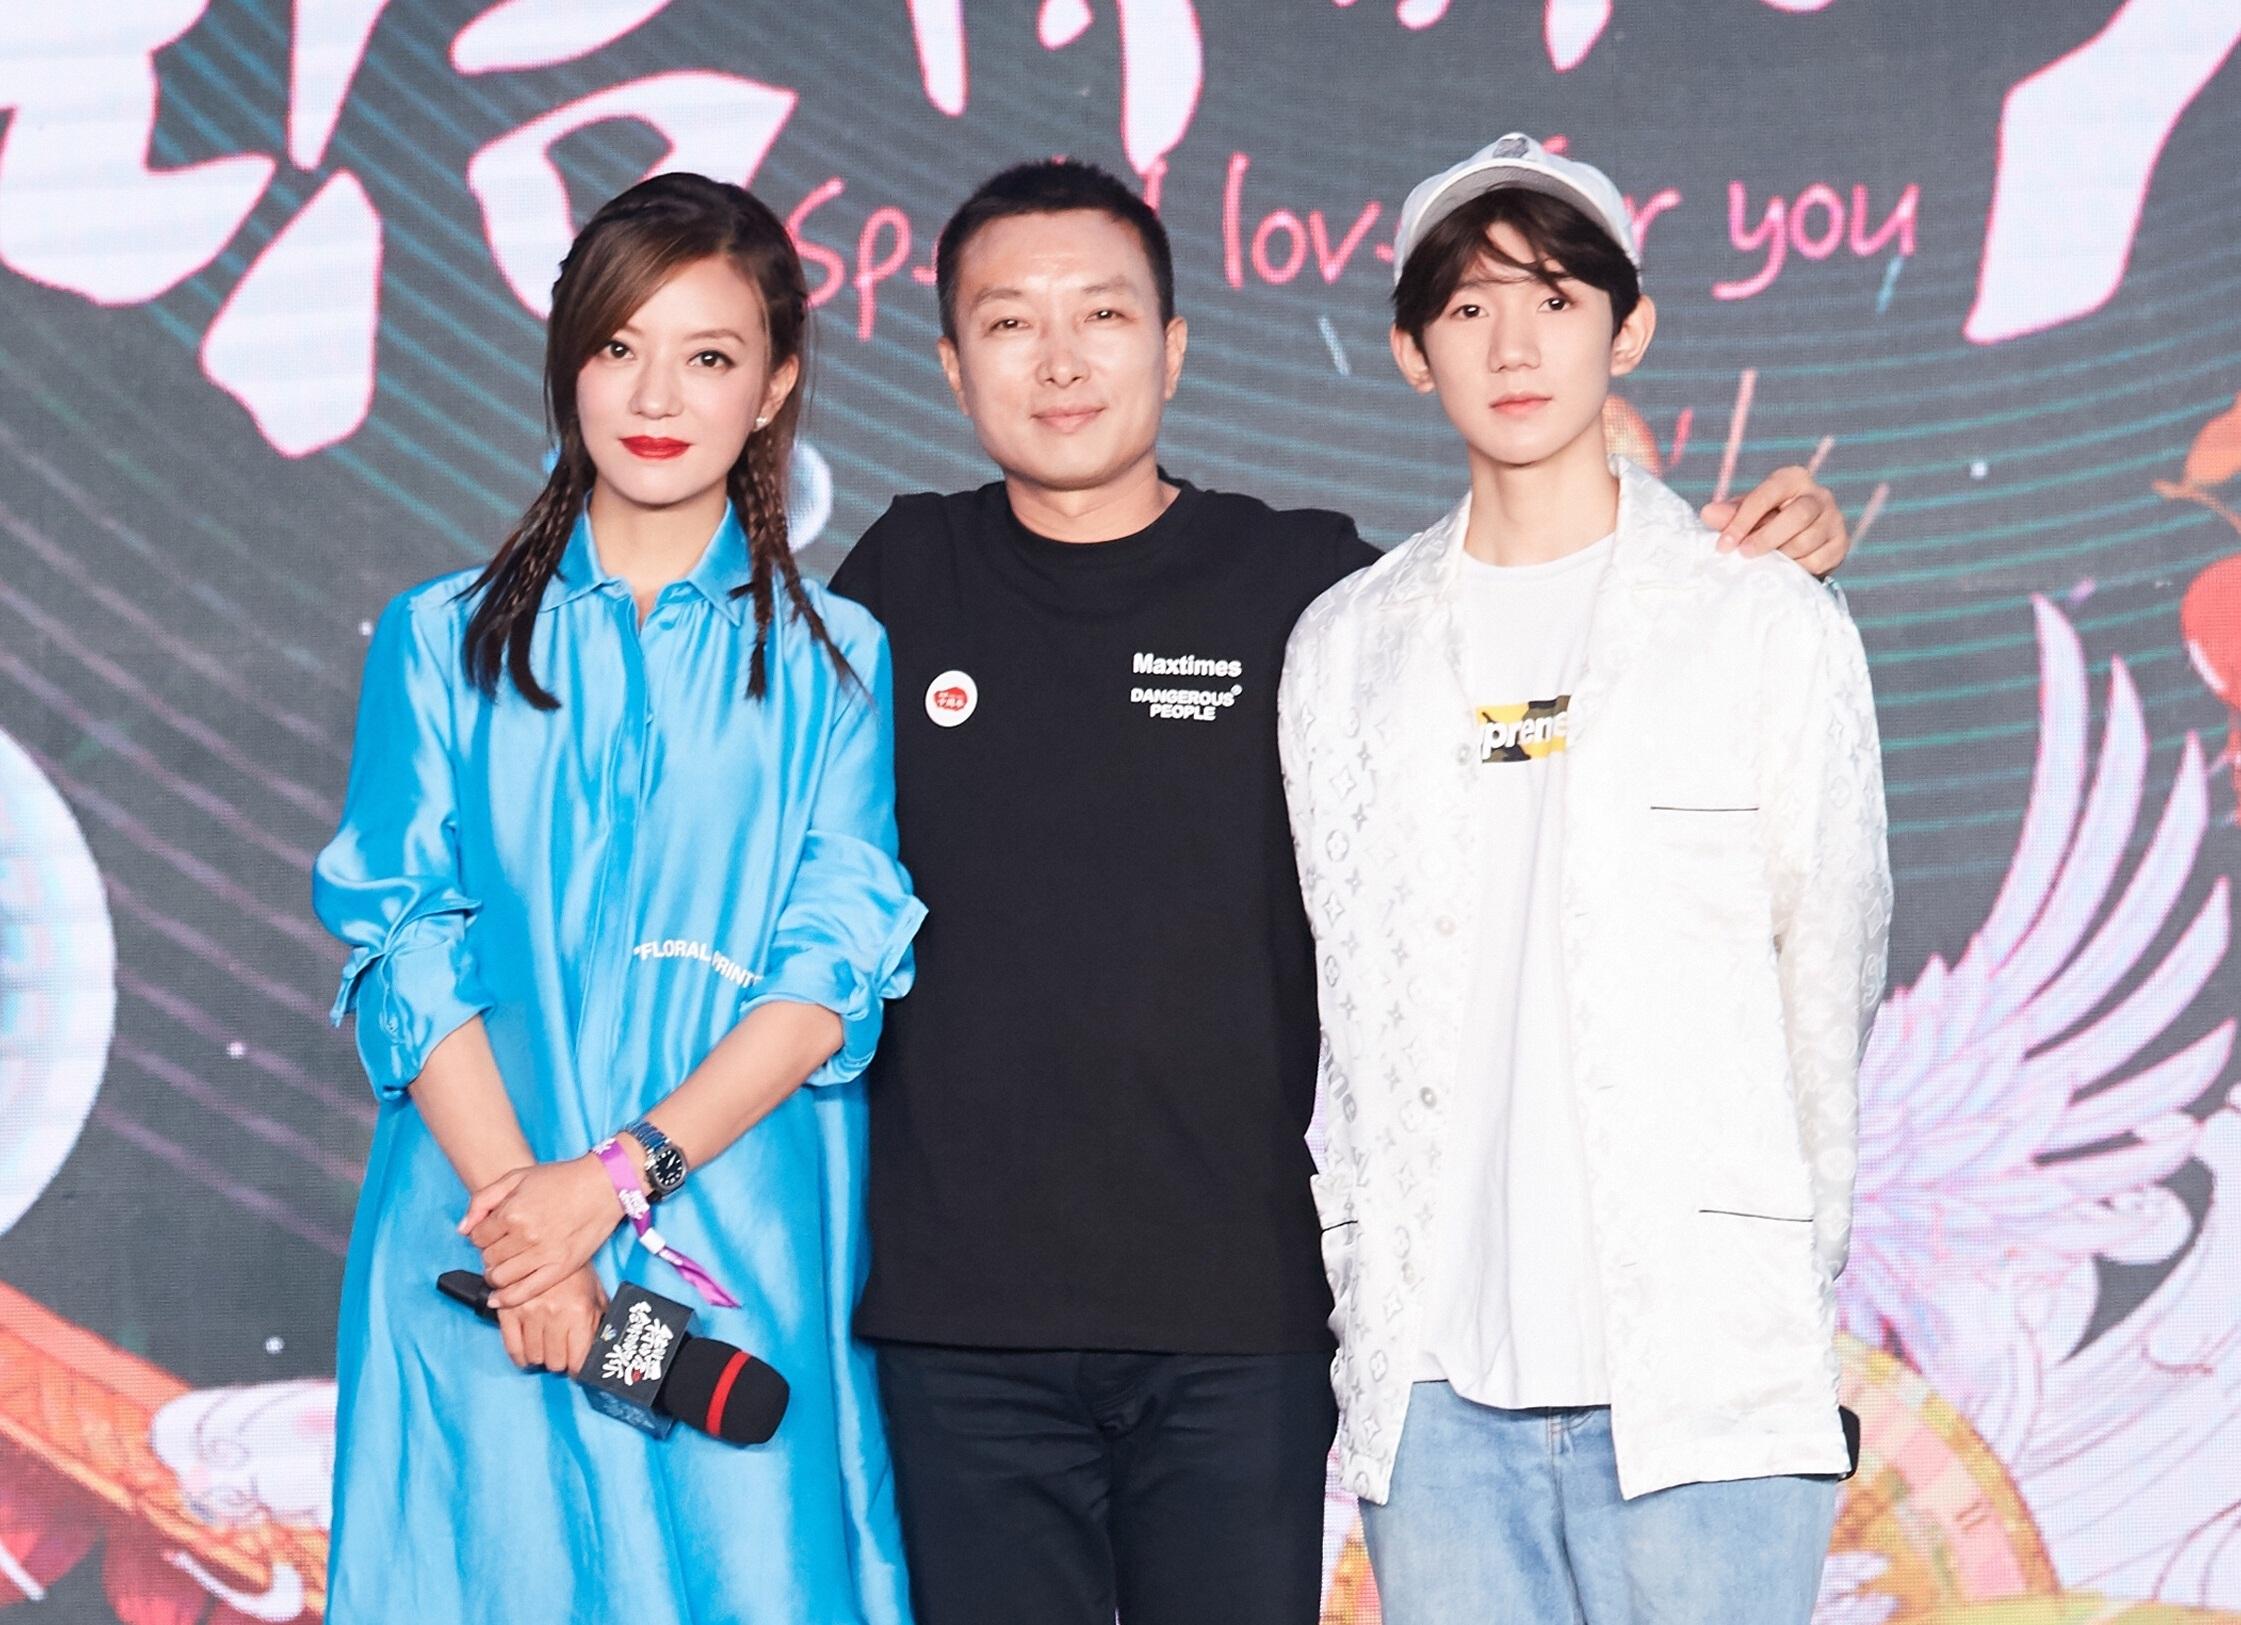 [2018.08.11] Triệu Vy, Tô Hữu Bằng...dự hoạt động kỷ niệm 10 năm công ty MaxTimes